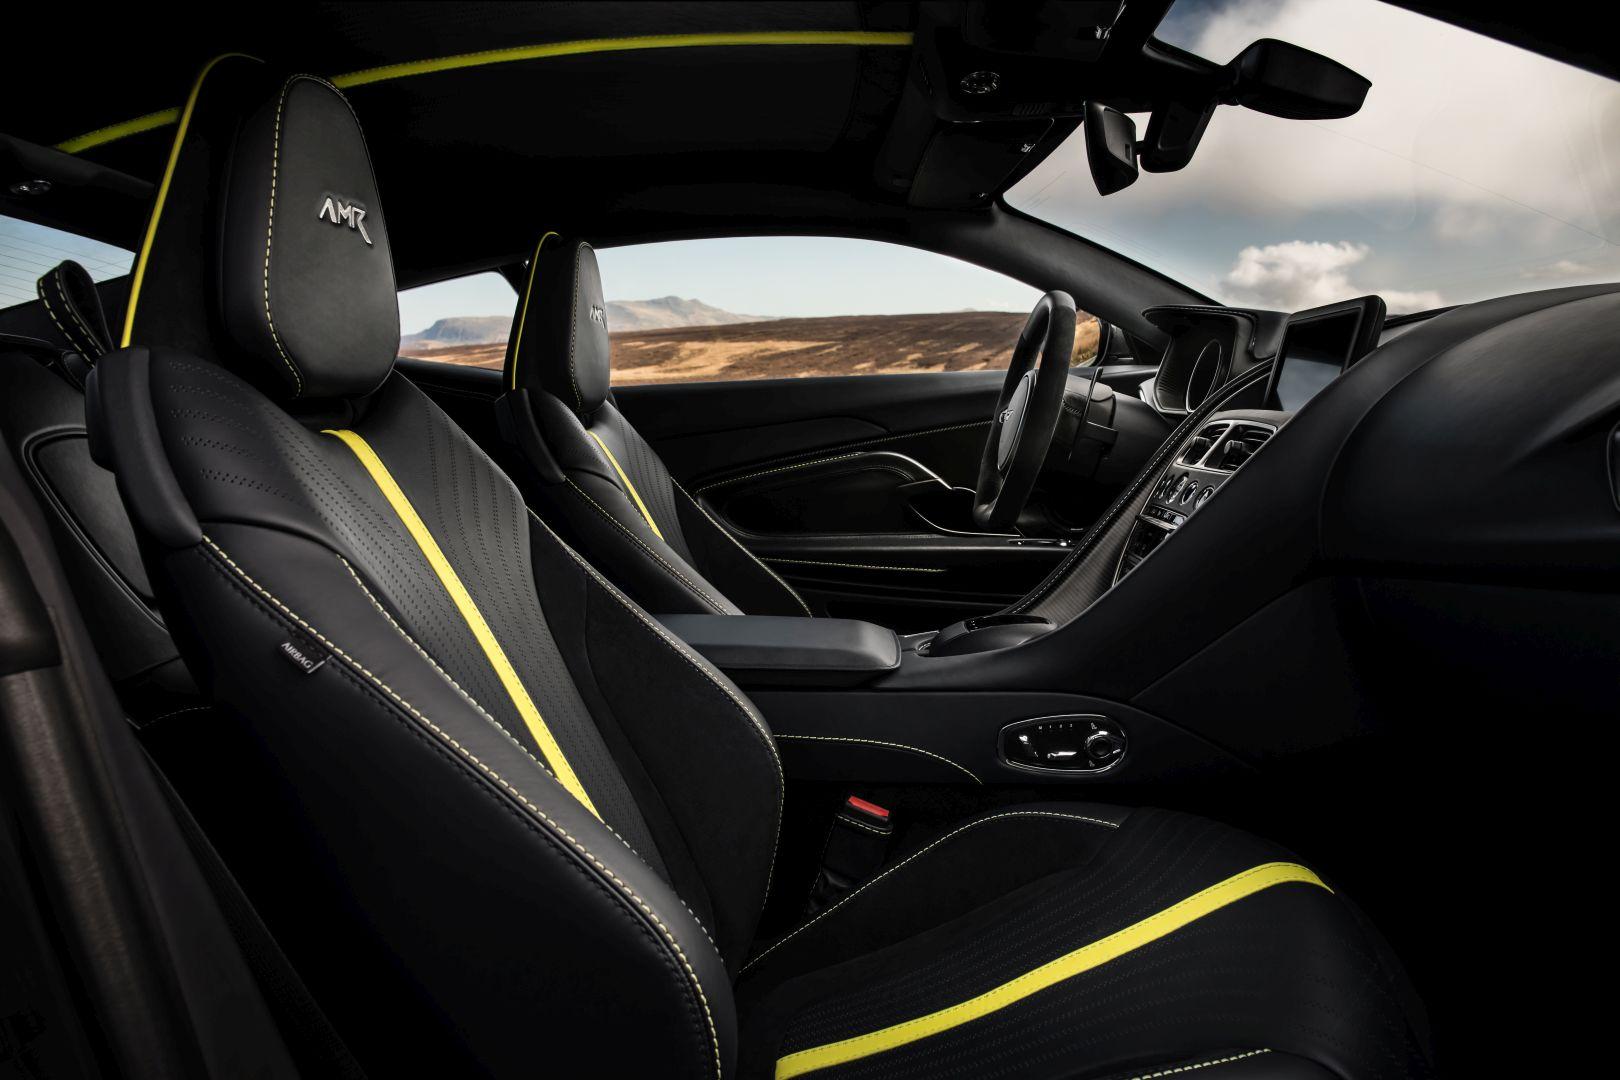 Machine Gun Kelly's stolen Aston Martin has been found